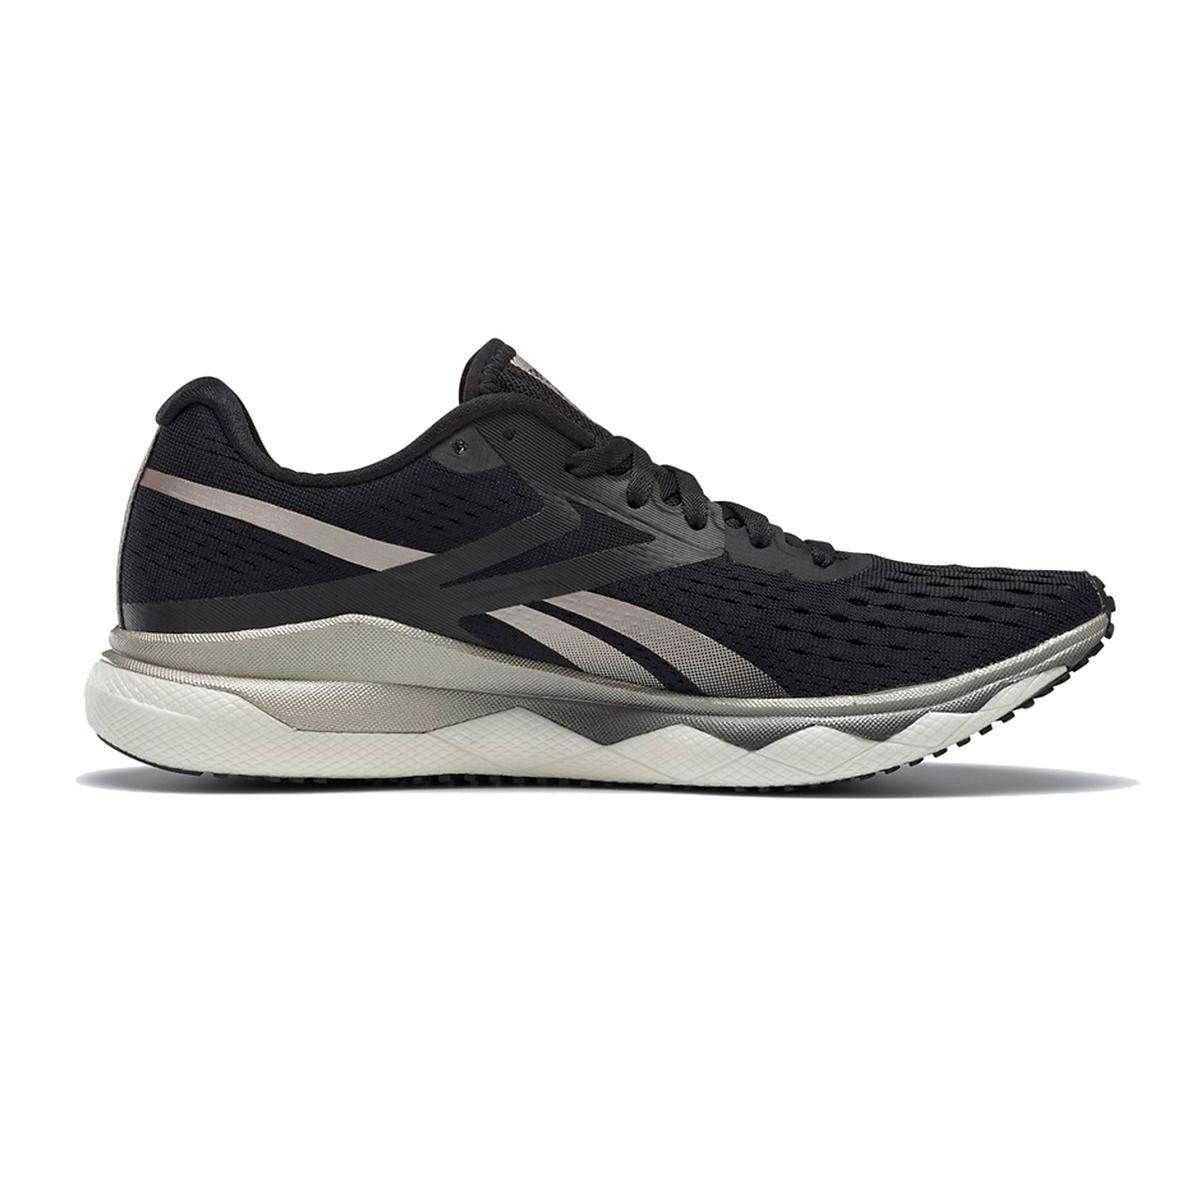 Women's Reebok Floatride Run Fast 2.0 Running Shoe - Color: Black/Moondust/White - Size: 5 - Width: Regular, Black/Moondust/White, large, image 2